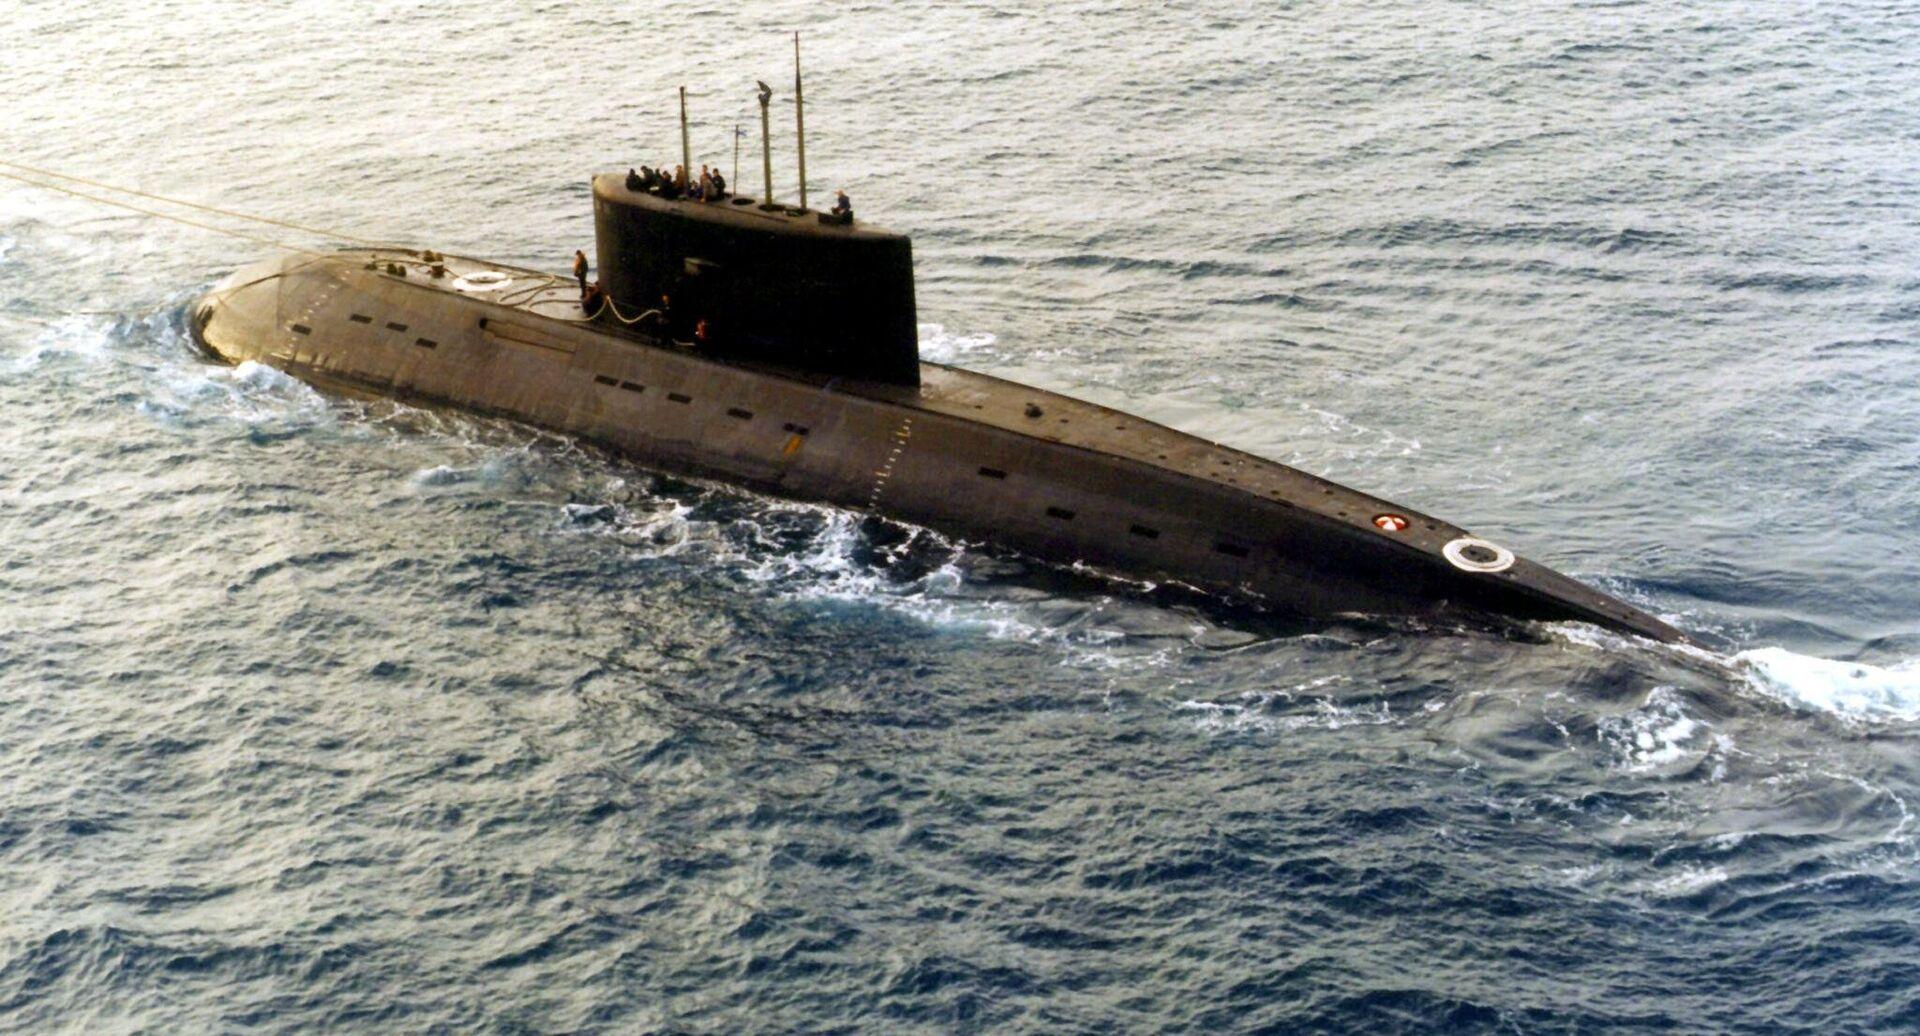 «Bám đuôi diệt tàu sân bay»: Thứ gì của Nga khiến các đô đốc NATO lo lắng - Sputnik Việt Nam, 1920, 27.06.2021